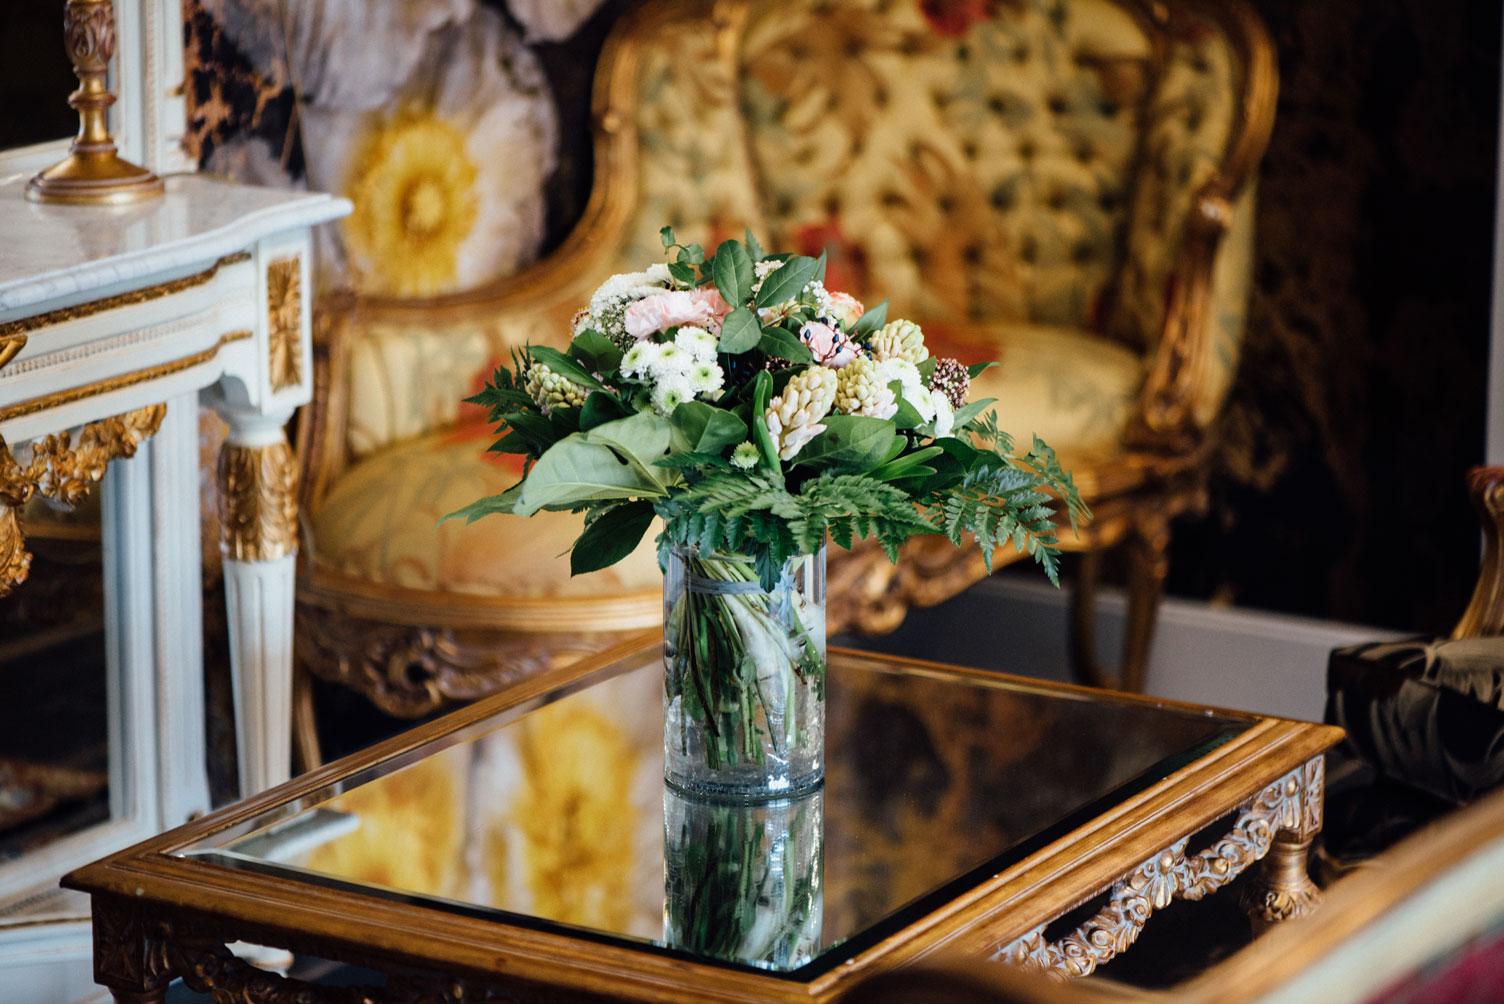 Salle commune, fauteuils, miroir, vase, plante | Amirauté Hôtel La Baule